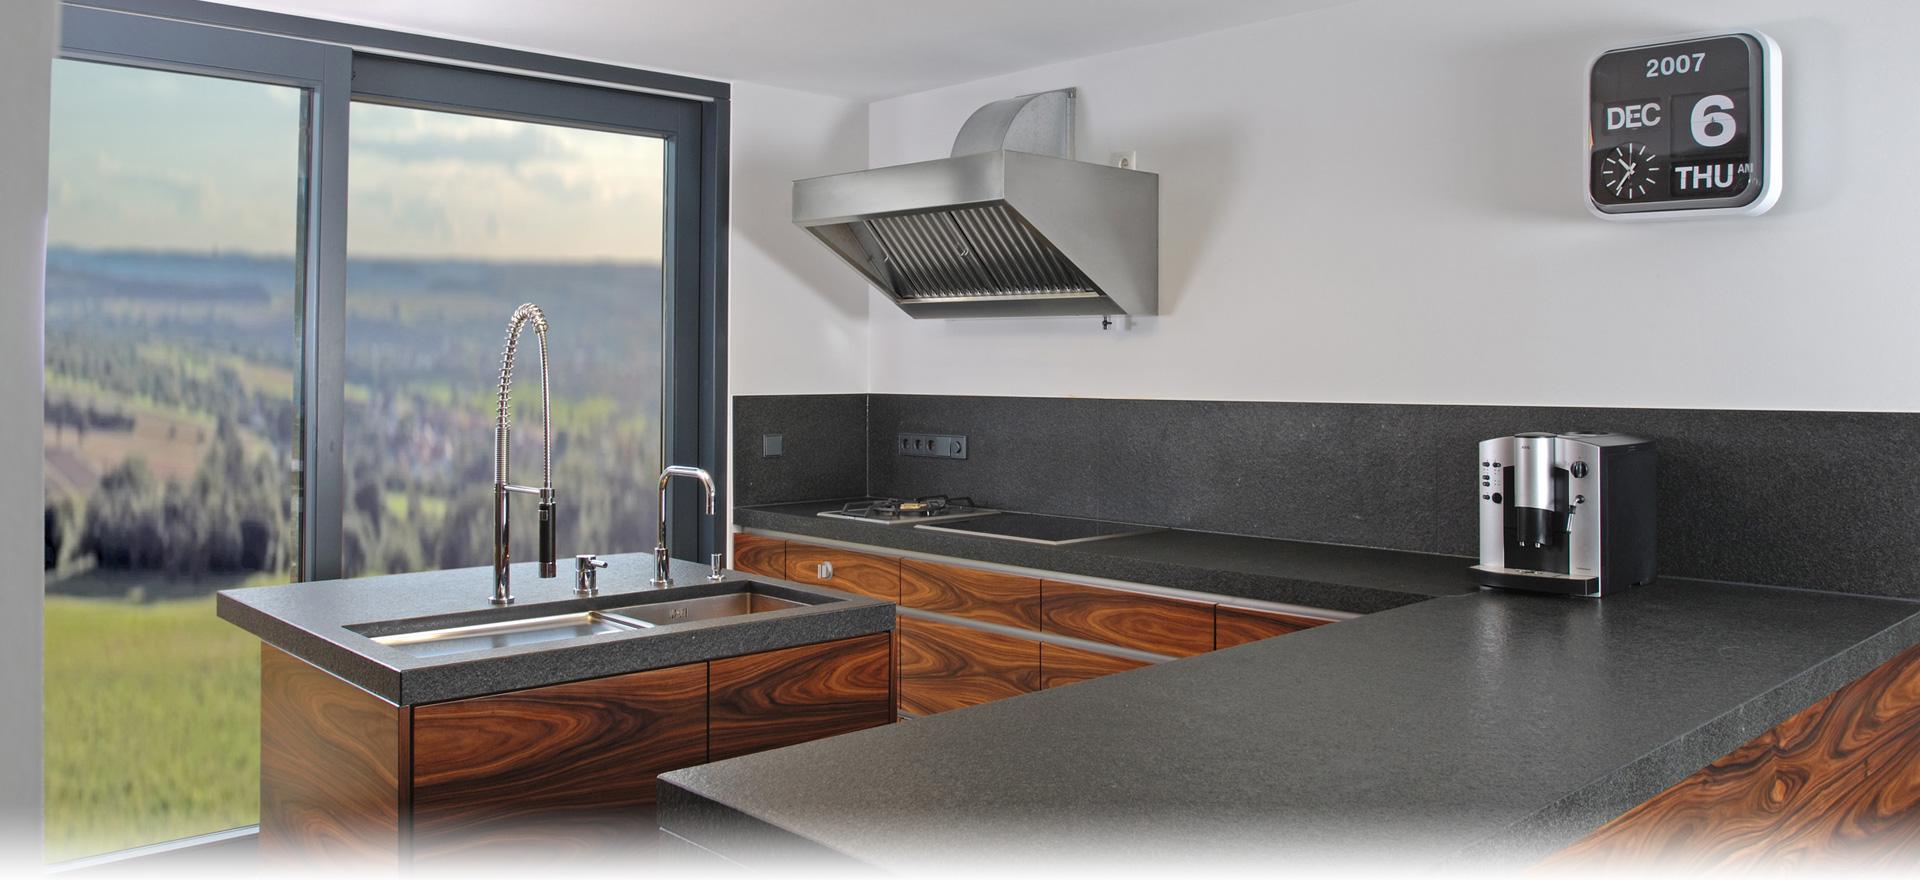 Inneneinrichtung – Küchen, Bäder, Böden aus Naturstein